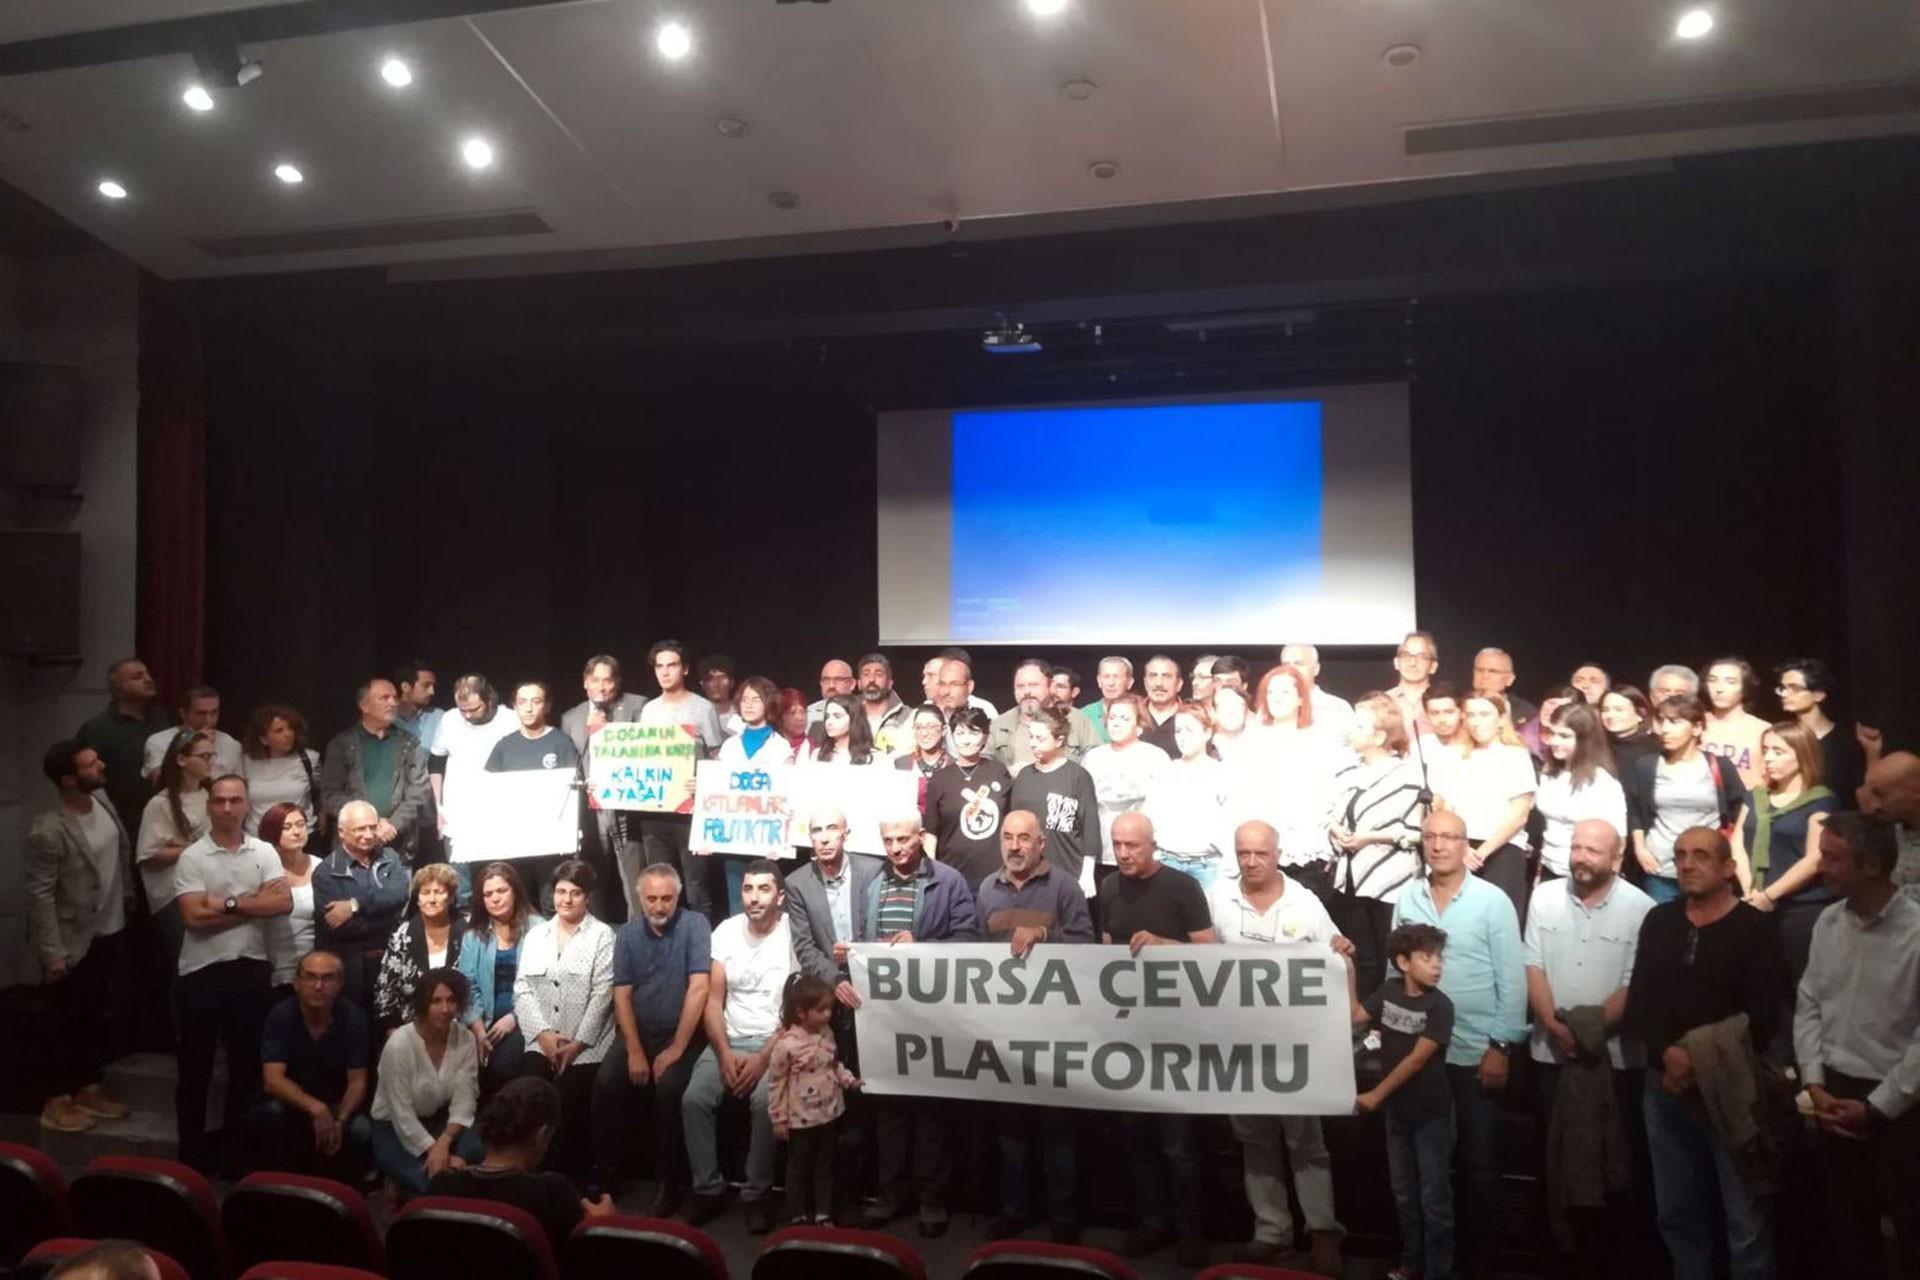 Bursa iklim festivali